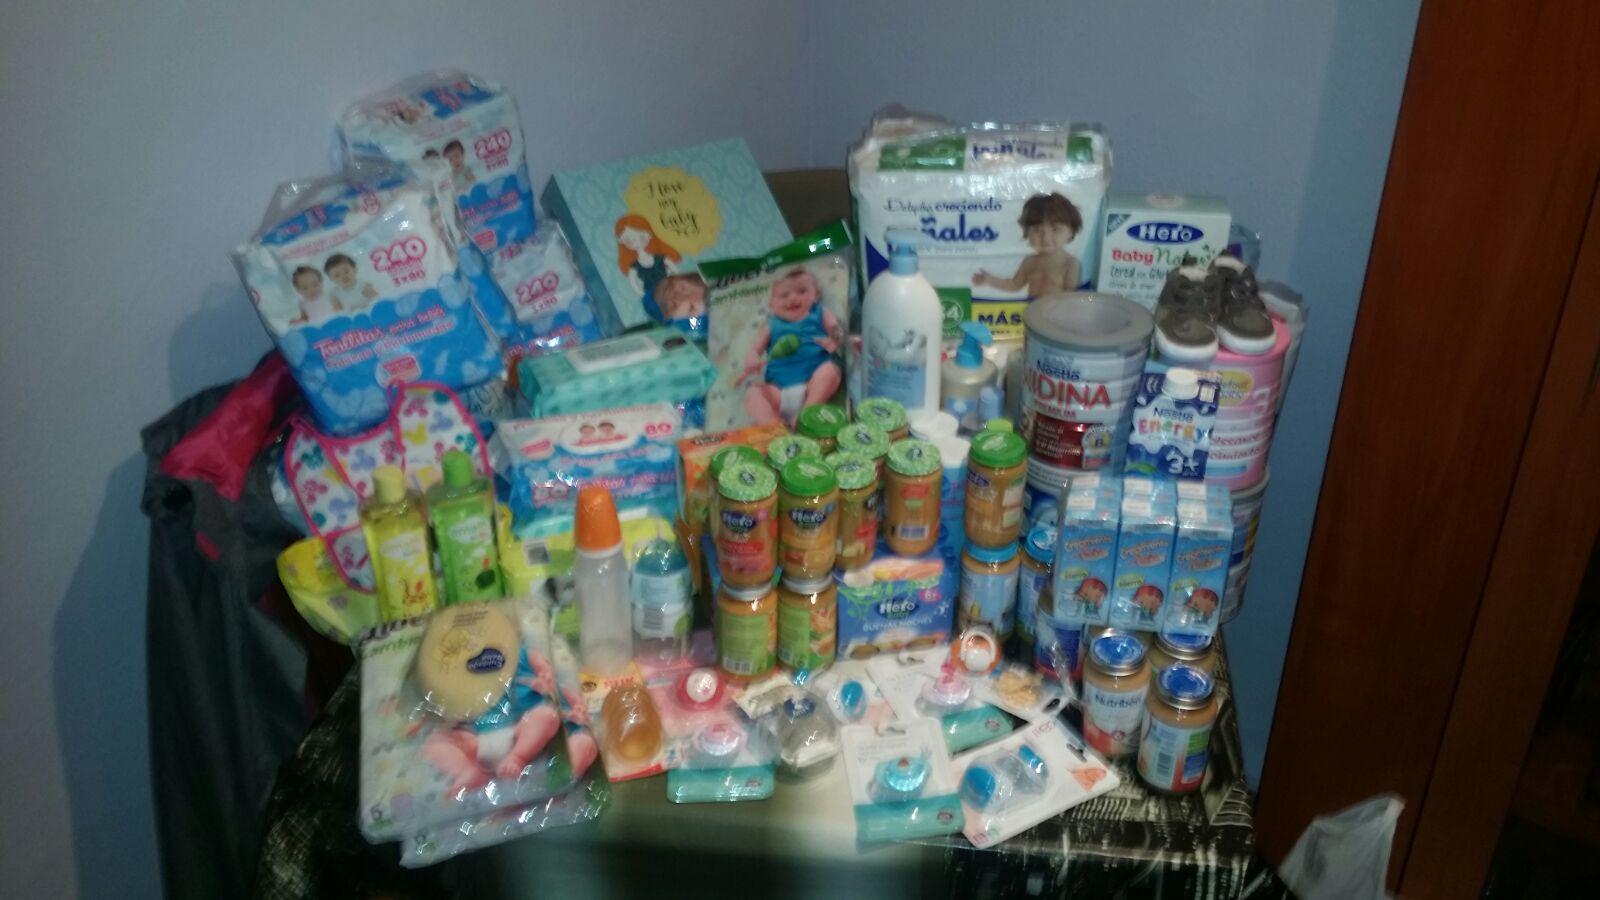 Lote de productos donados po Q CORRA LA TINTA para nuestros peques